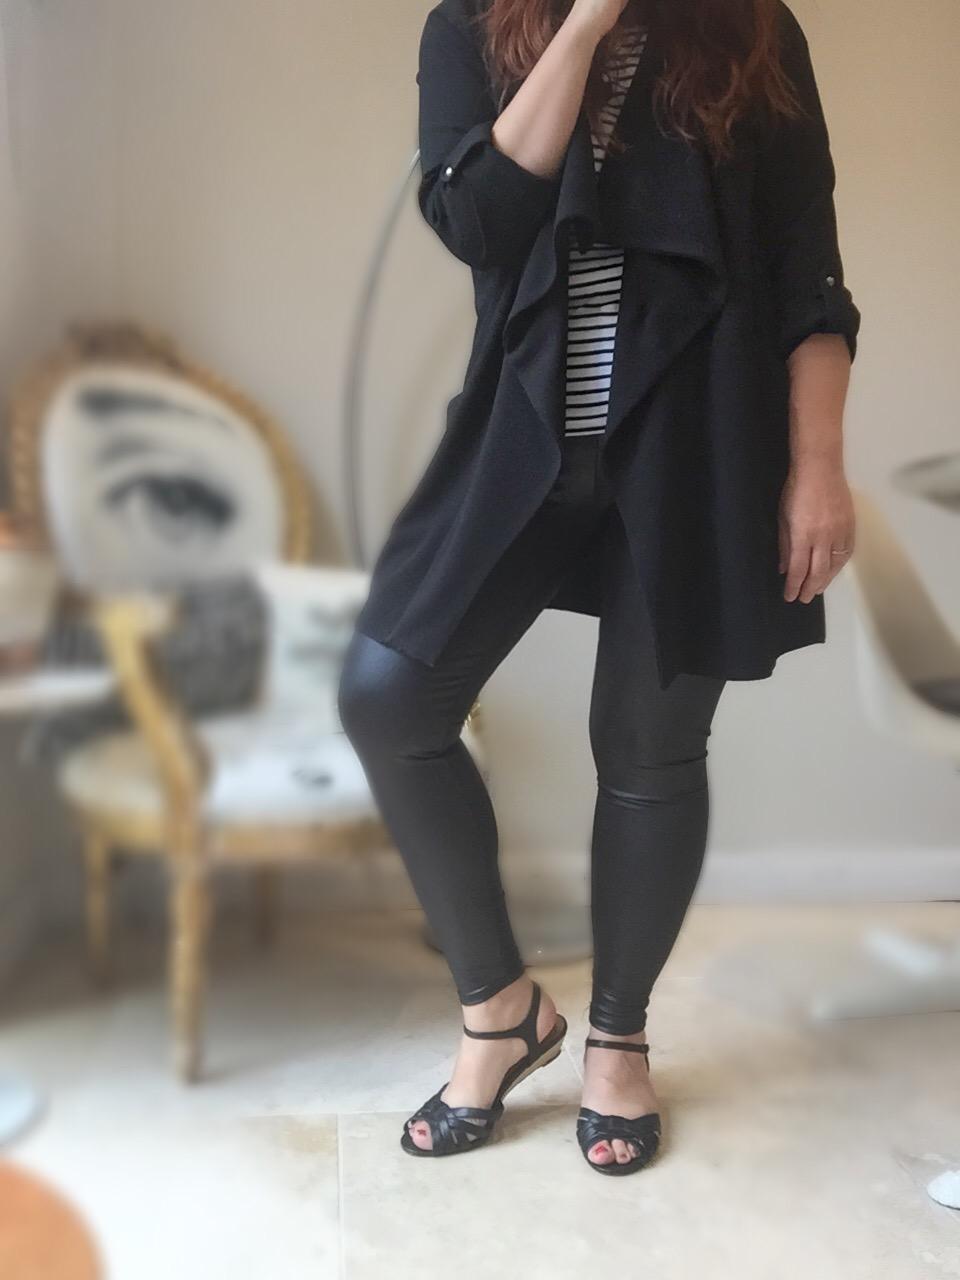 MandCo waterfall jacket & wet look leggings #ootd via Always a Blue Sky Girl blog